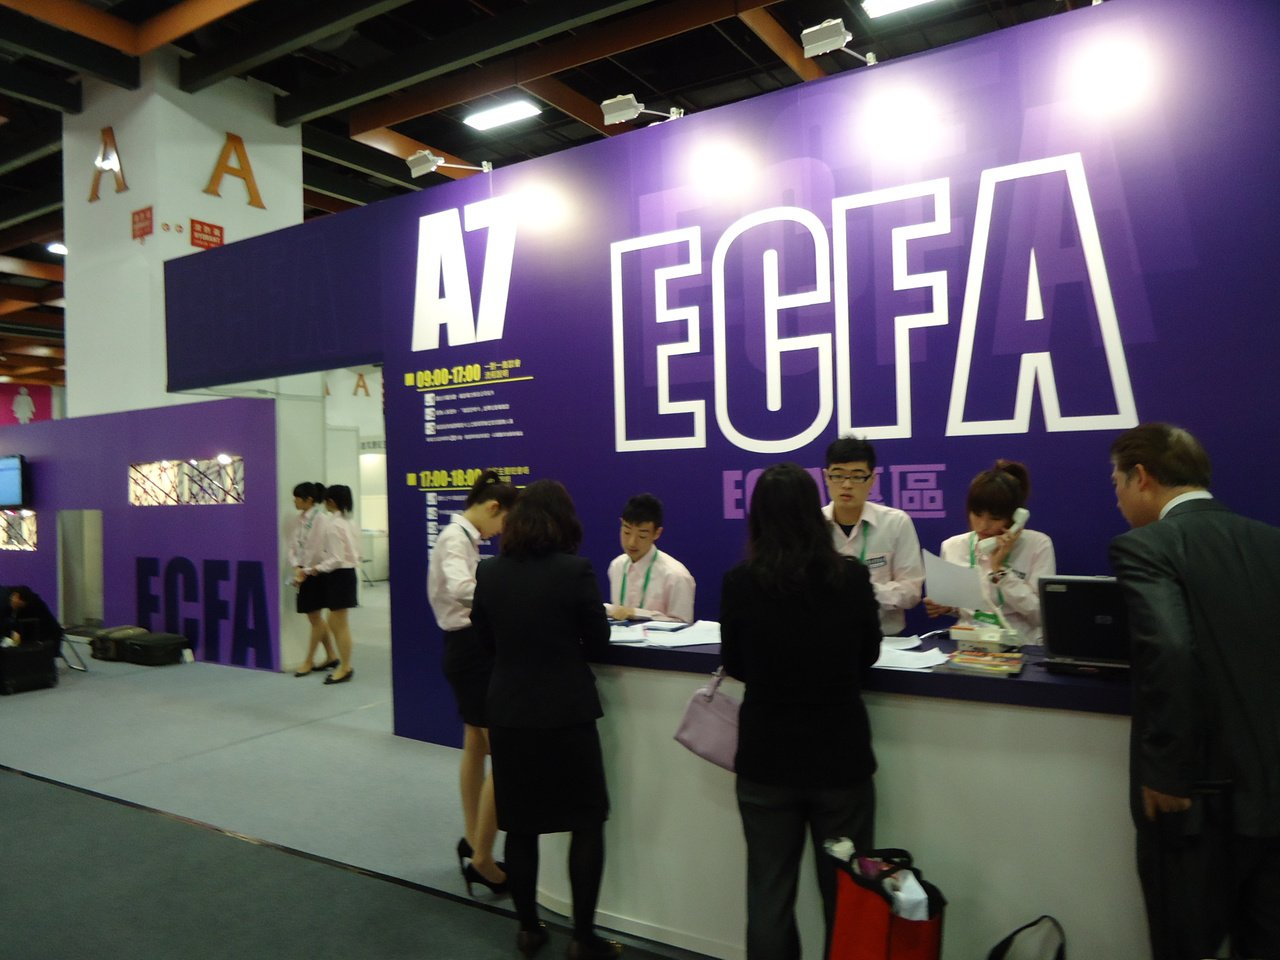 如果明年蔡英文連任,大陸是否中止ECFA?發言人馬曉光說,「不回答假設性問題」。...